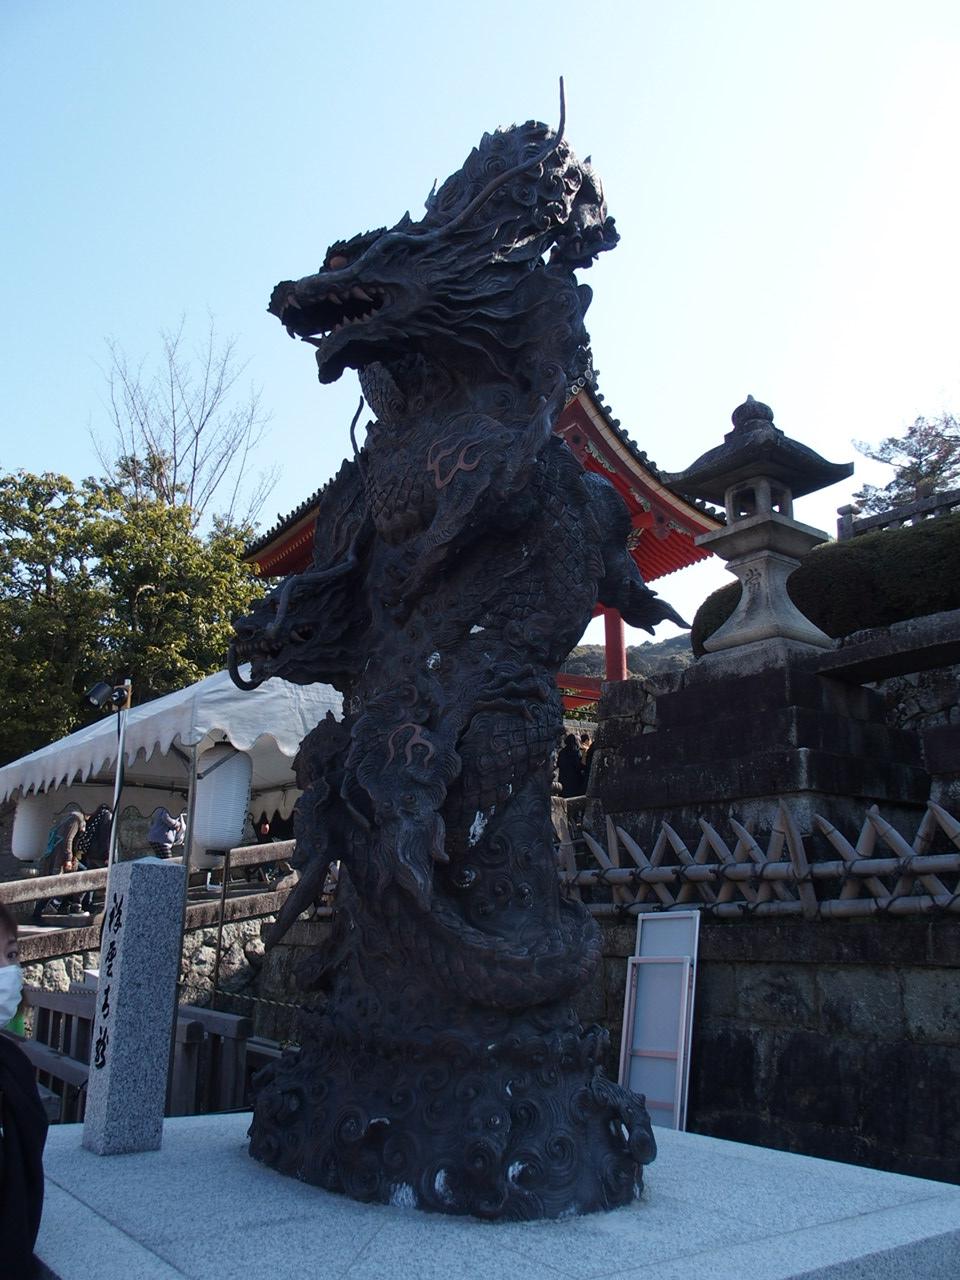 清水寺のパワースポット龍の像